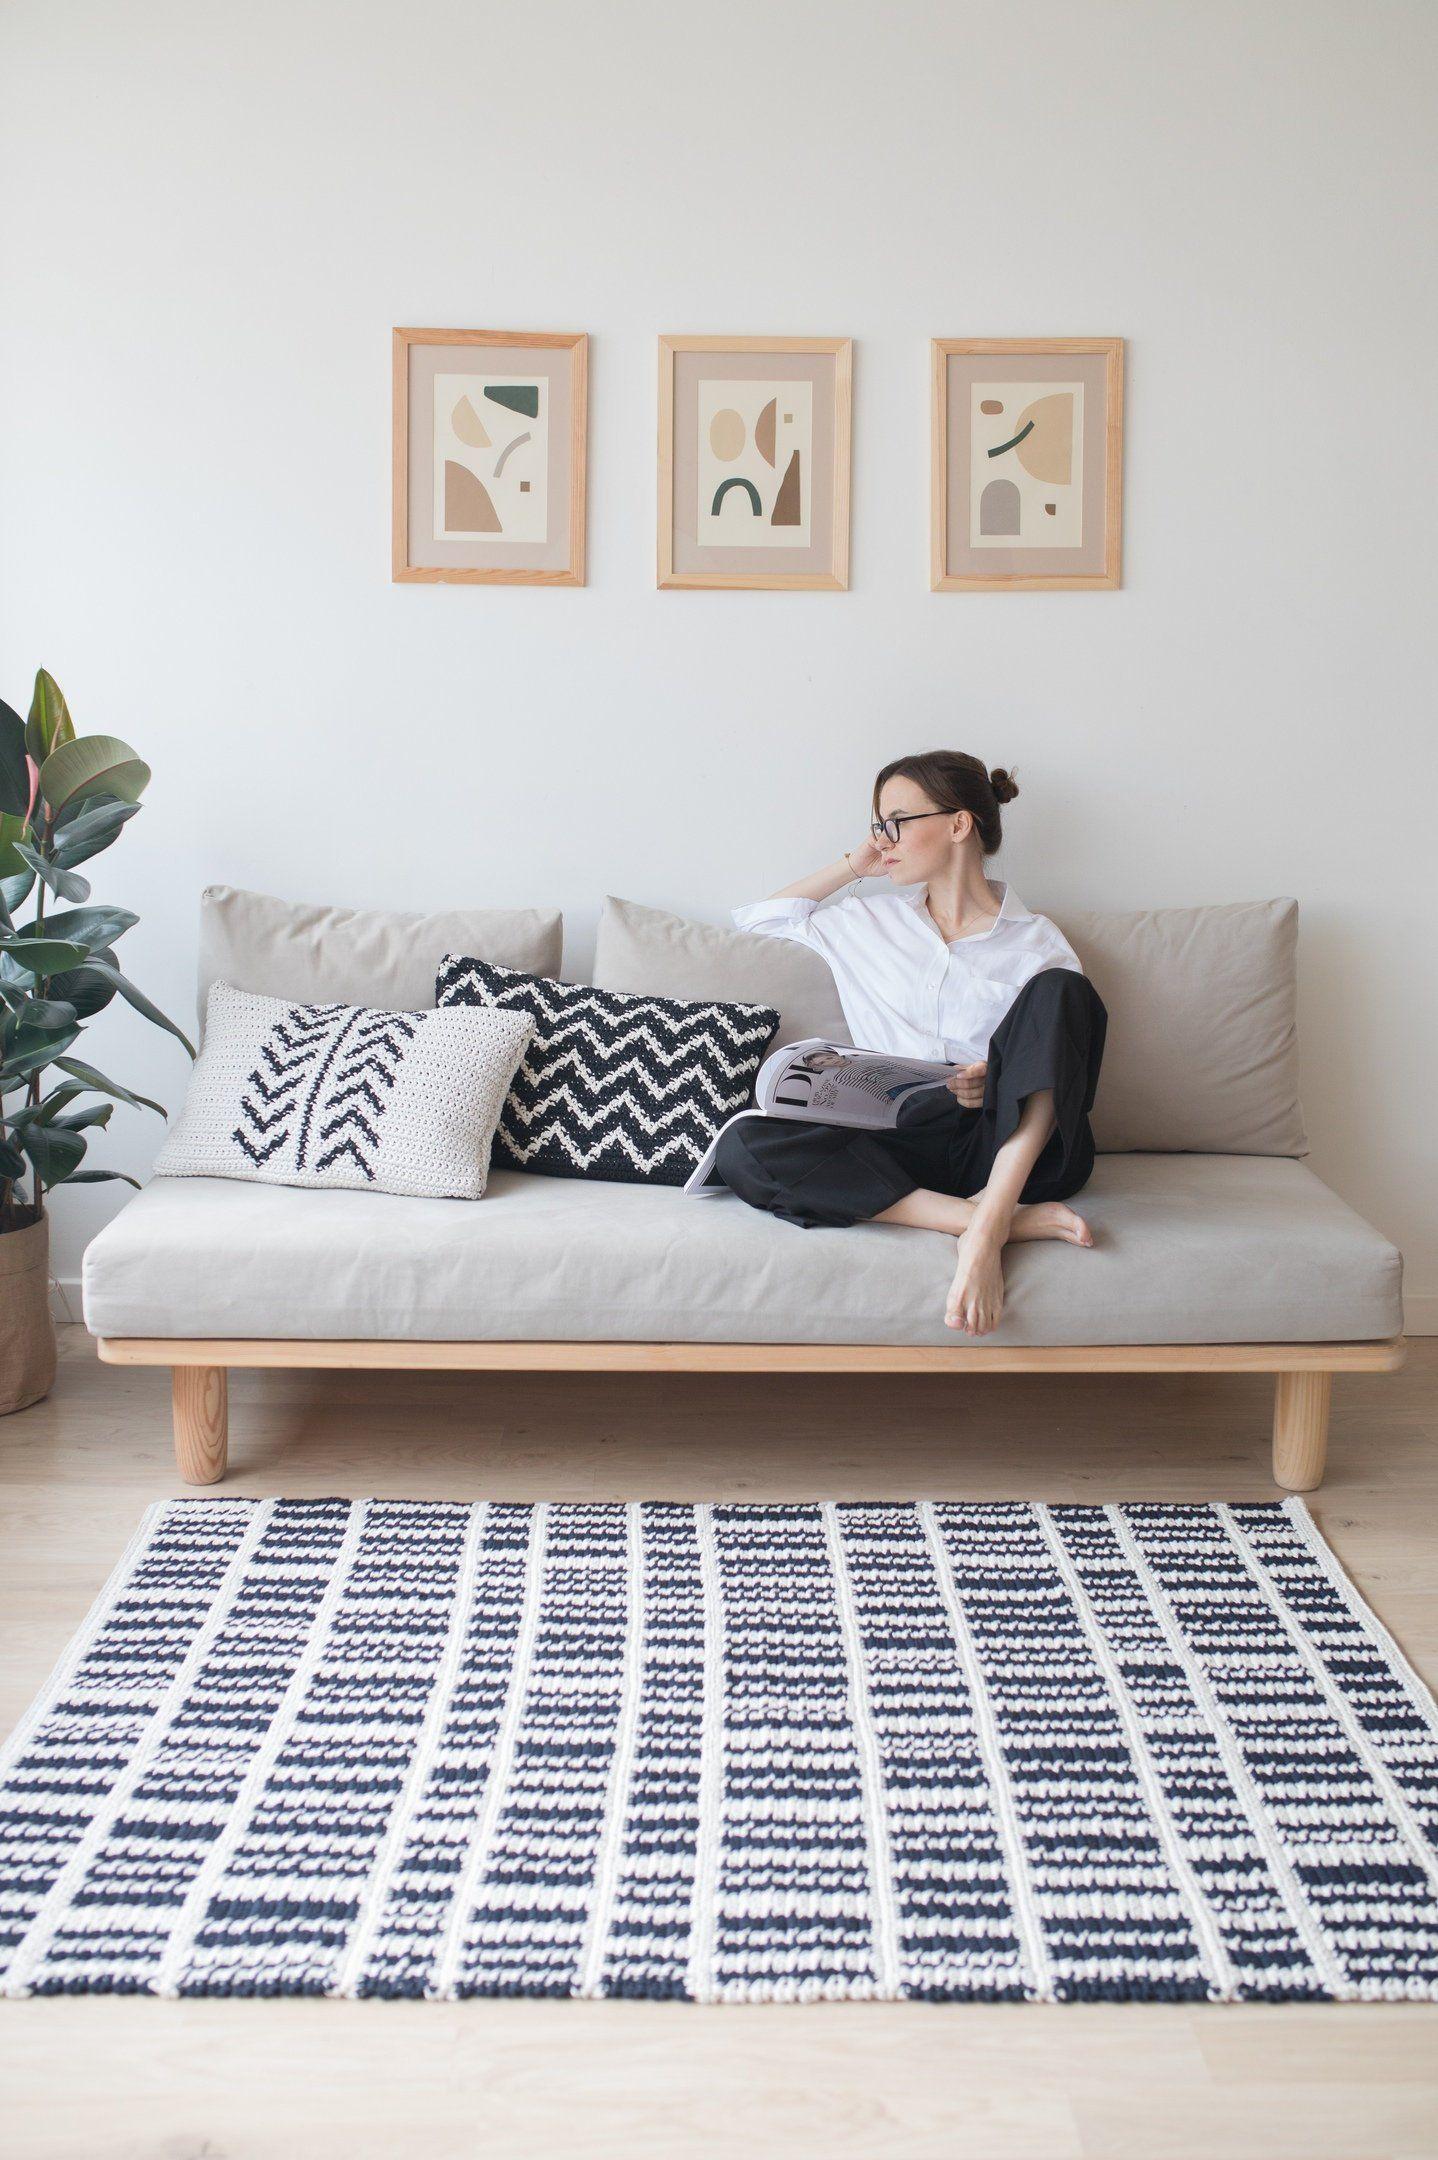 Motif de tapis en crochet noir et blanc, design de tapis scandinave par BelkinHome   – Shapping houses